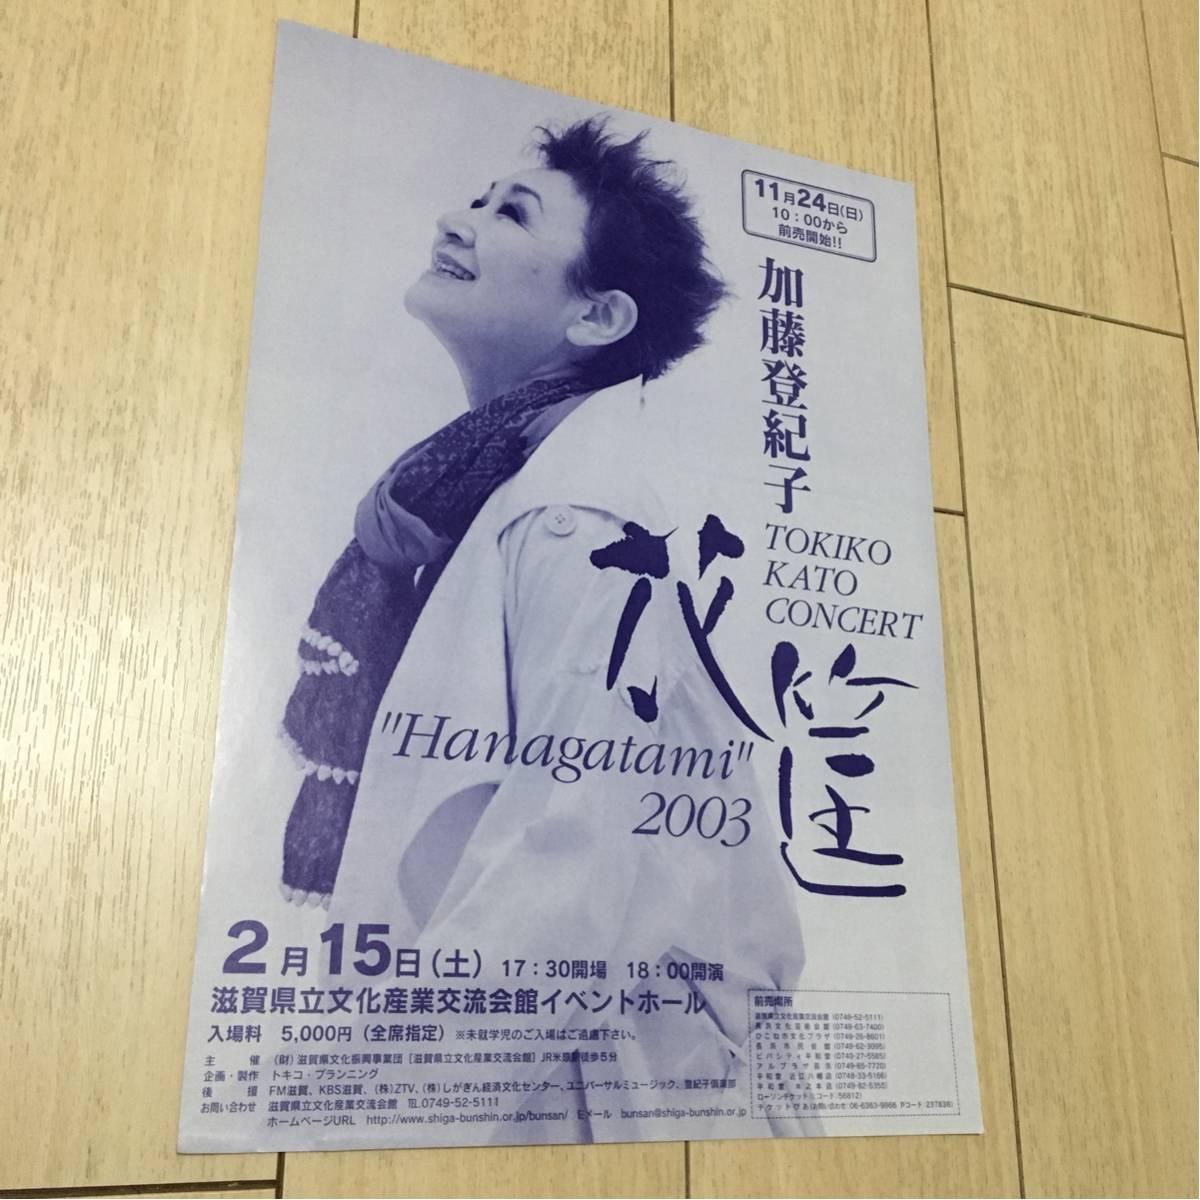 加藤登紀子 コンサート 告知 チラシ hanagatami 2003 滋賀県 県立文化産業交流会館 イベントホール